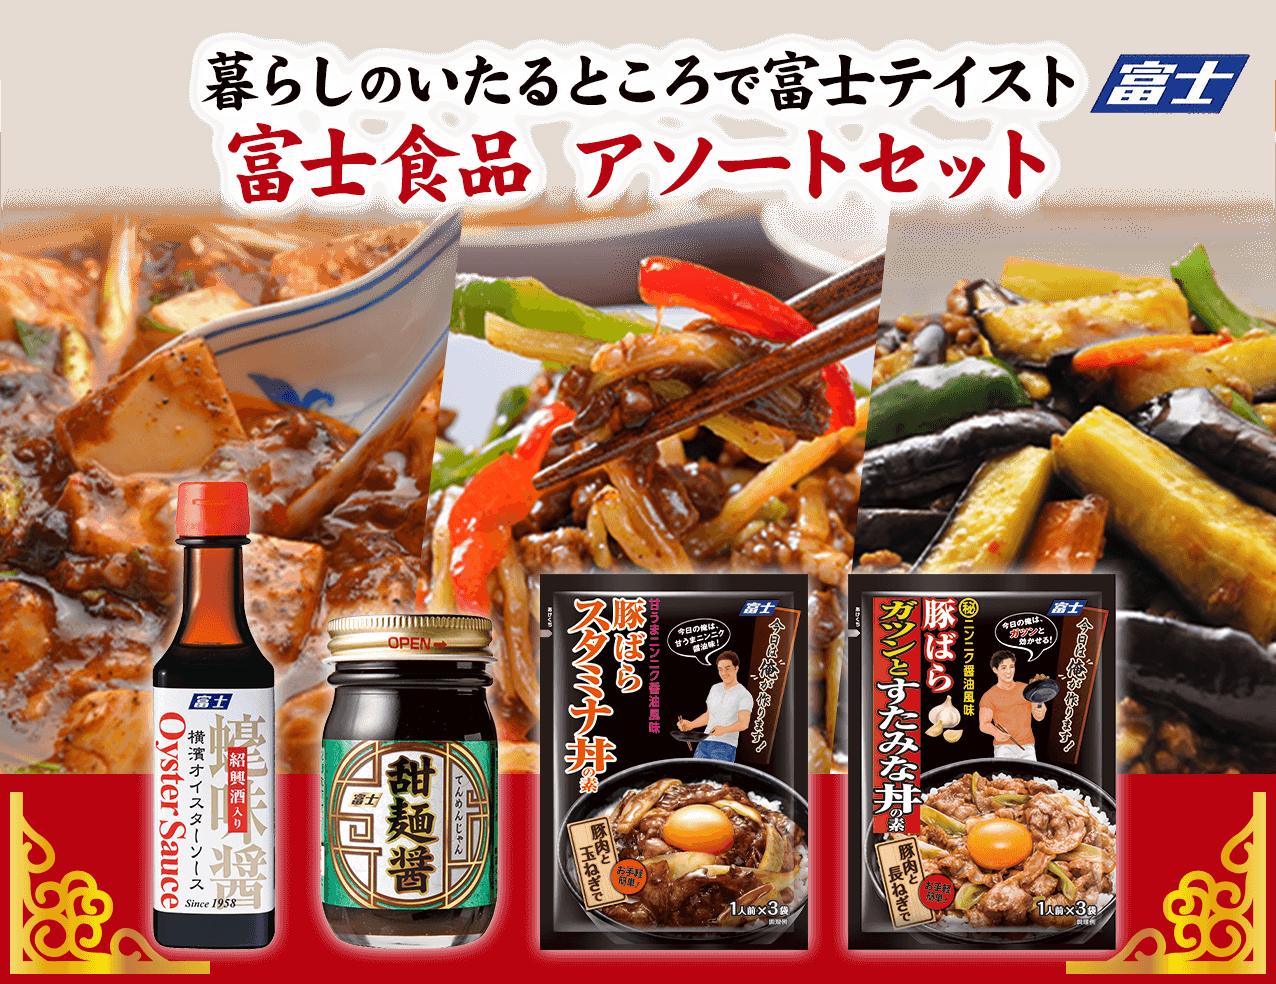 暮らしのいたるところで富士テイスト。富士食品 アソートセット